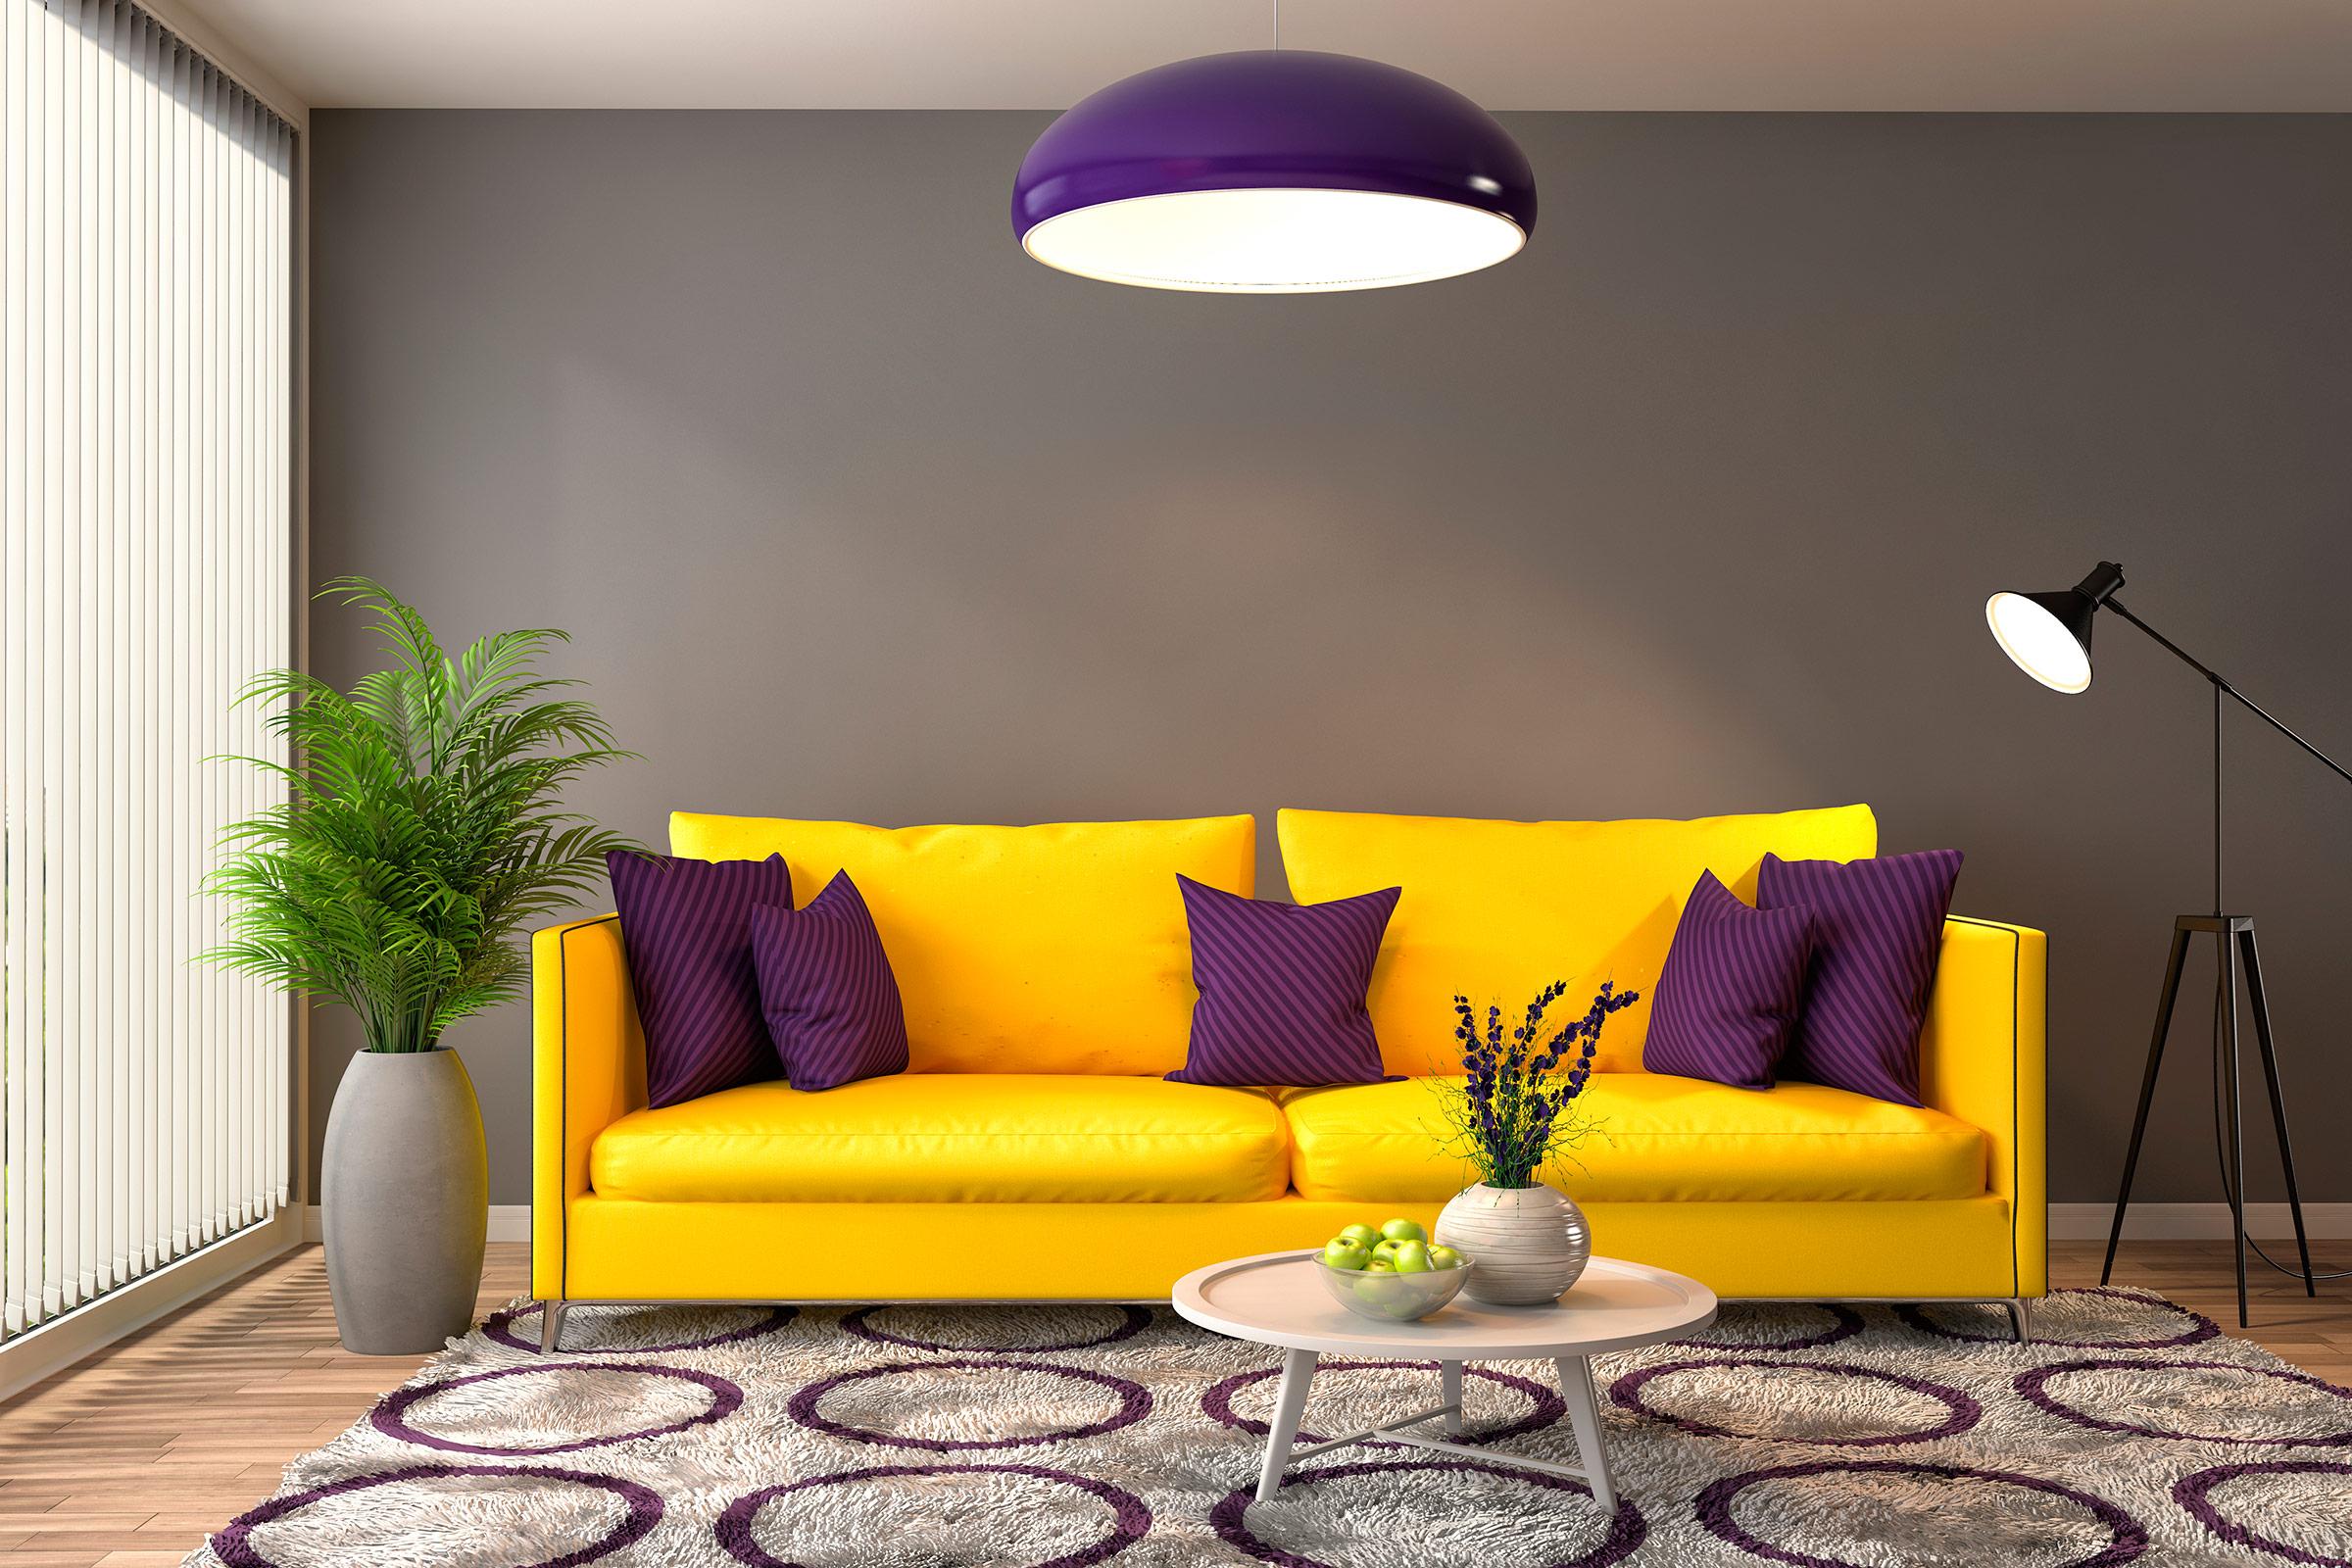 کاربرد رنگ ها در طراحی داخلی